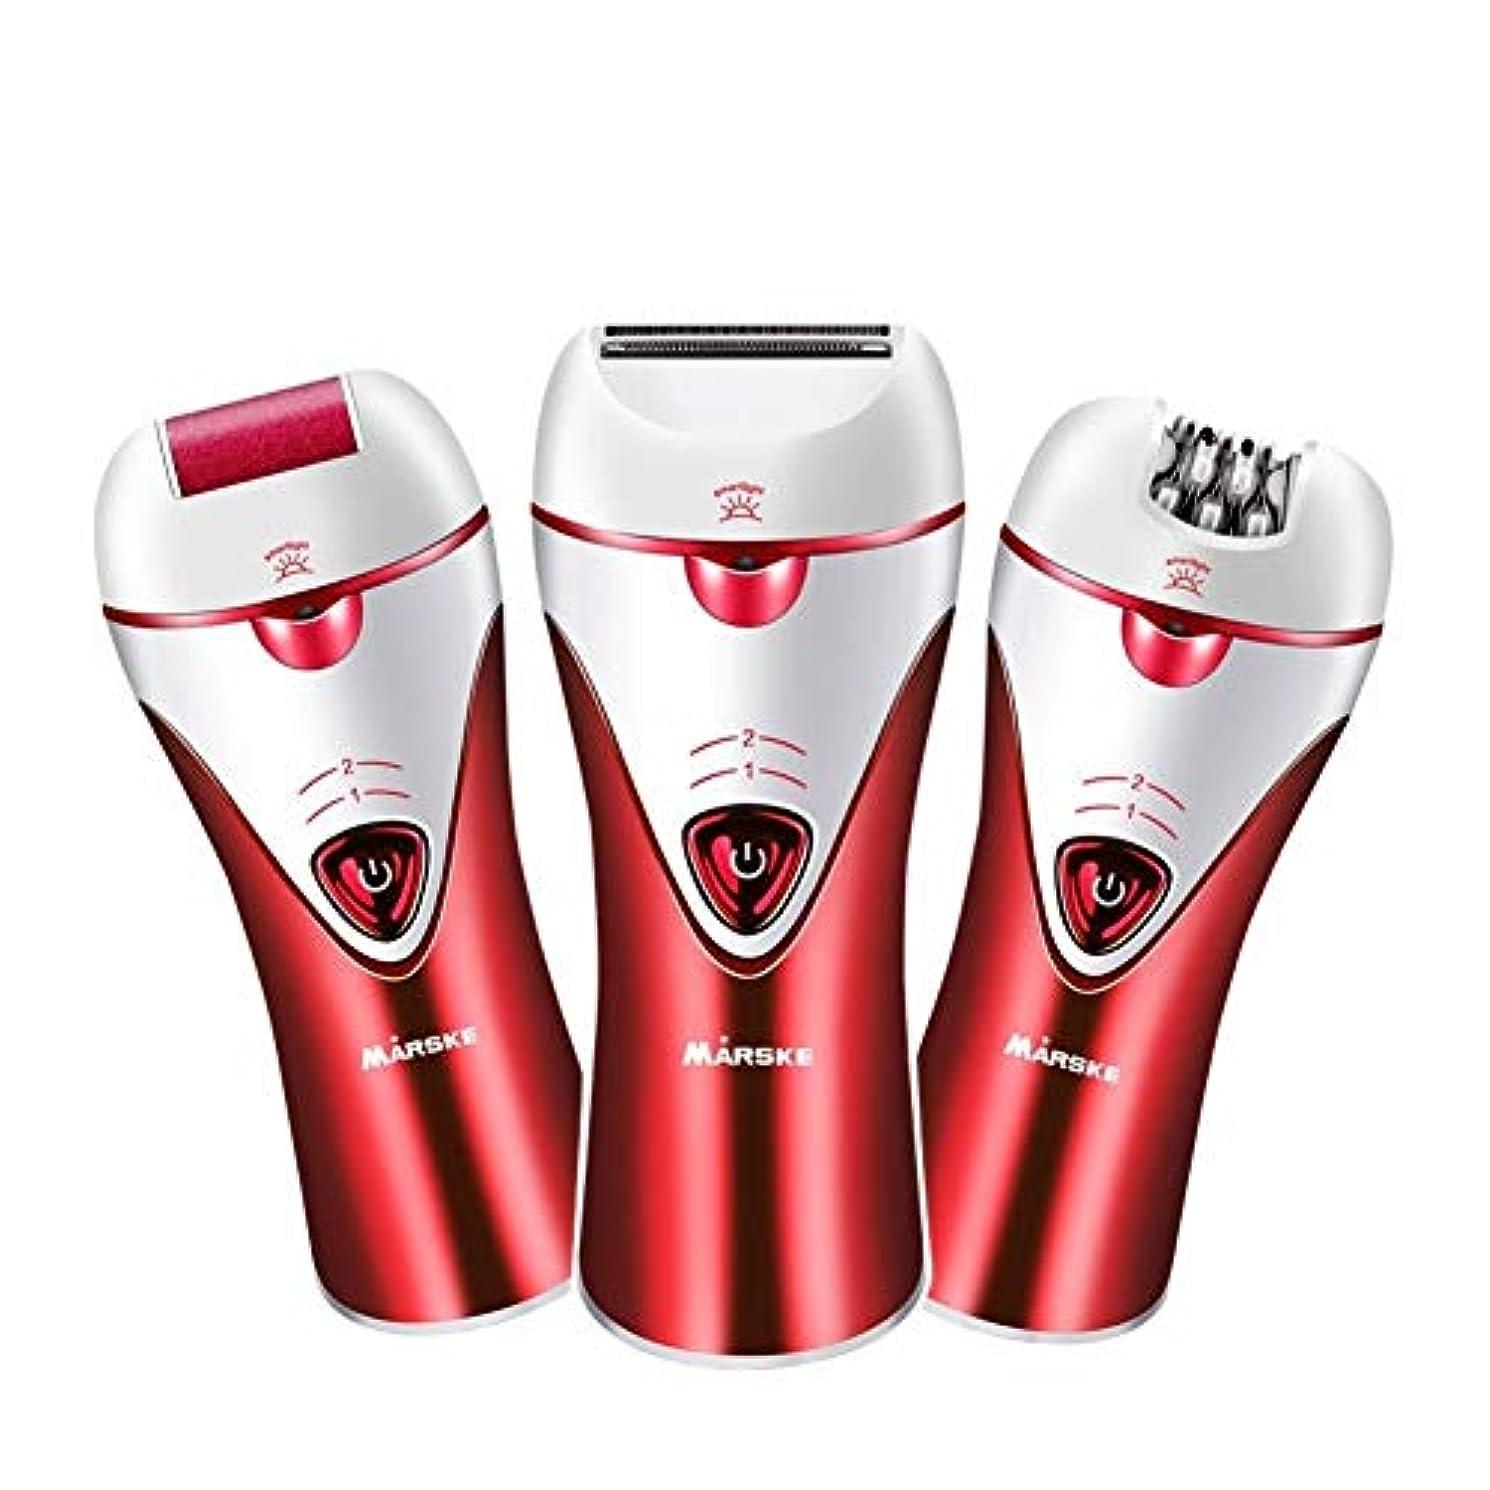 多数の釈義愚かなTrliy- 充電式電動脱毛器、女性のための痛みのない快適さスキンケア脱毛ツール浴室ウェットとドライ脱毛器 (Color : Red)